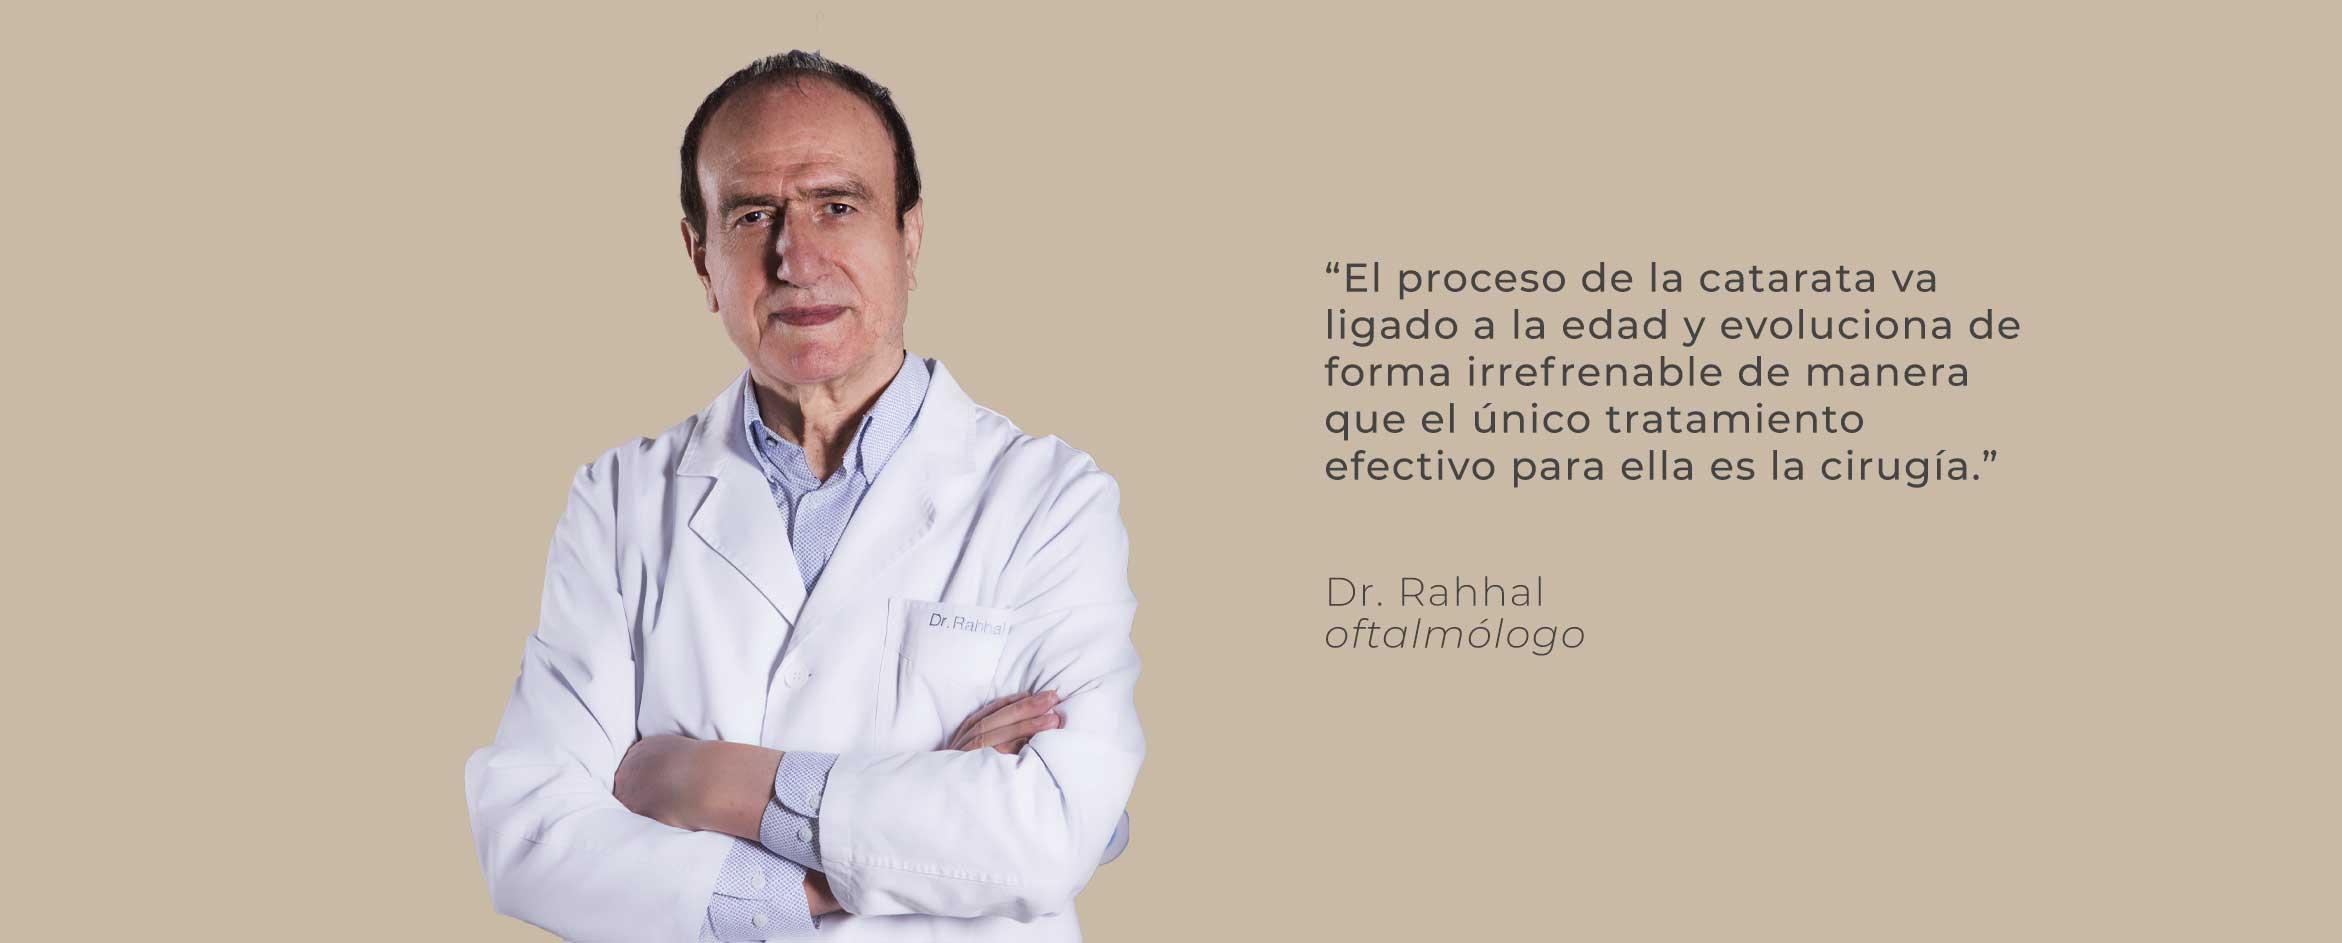 como-es-la-operacion-de-cataratas-doctor-rahhal